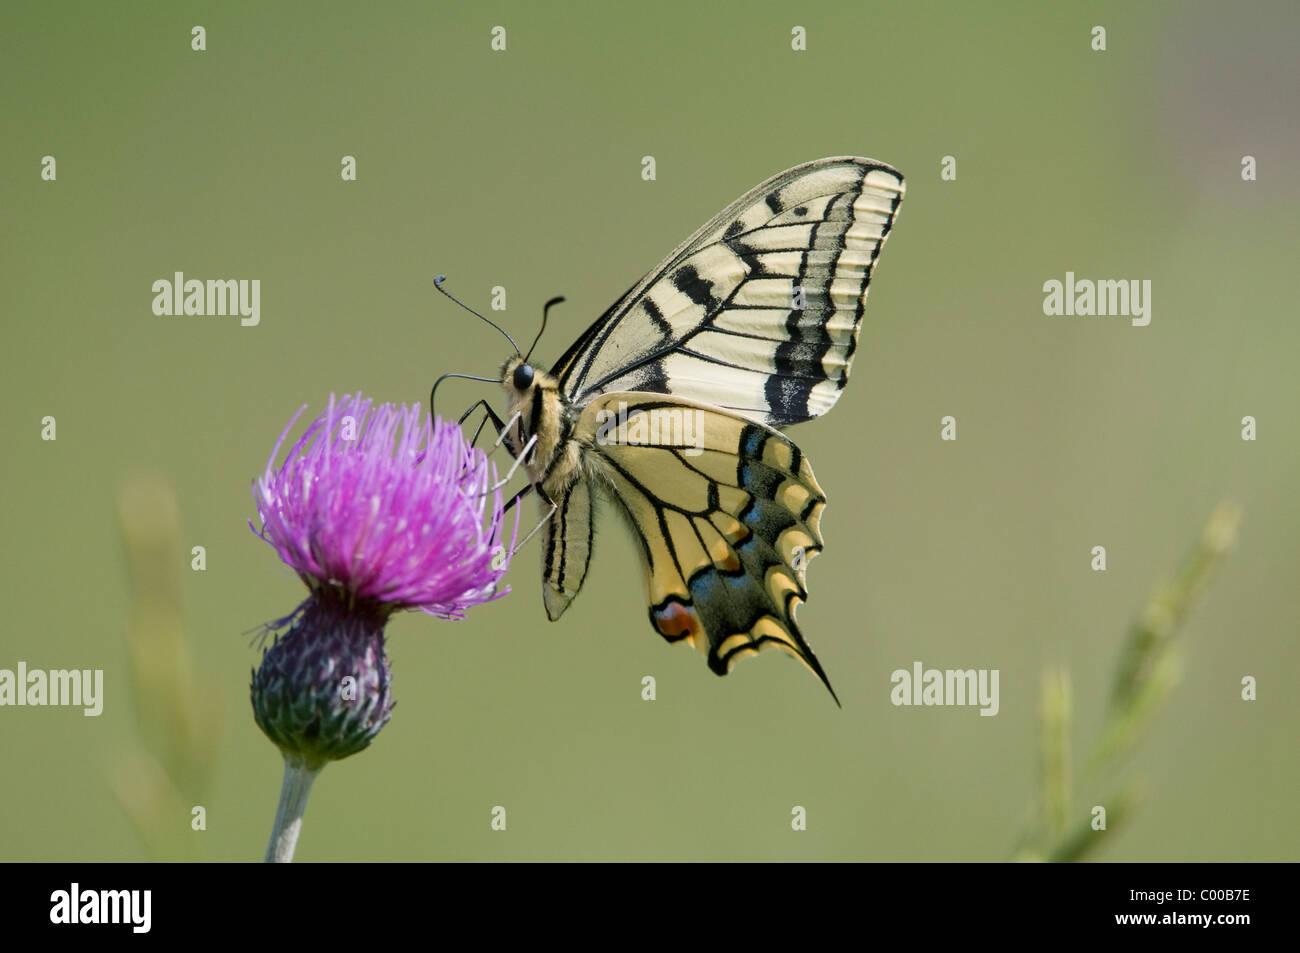 Schwalbenschwanz, auf einer Distel, Papilio machaon, Common Yellow Swallowtail, on thistle, Deutschland, Germany - Stock Image